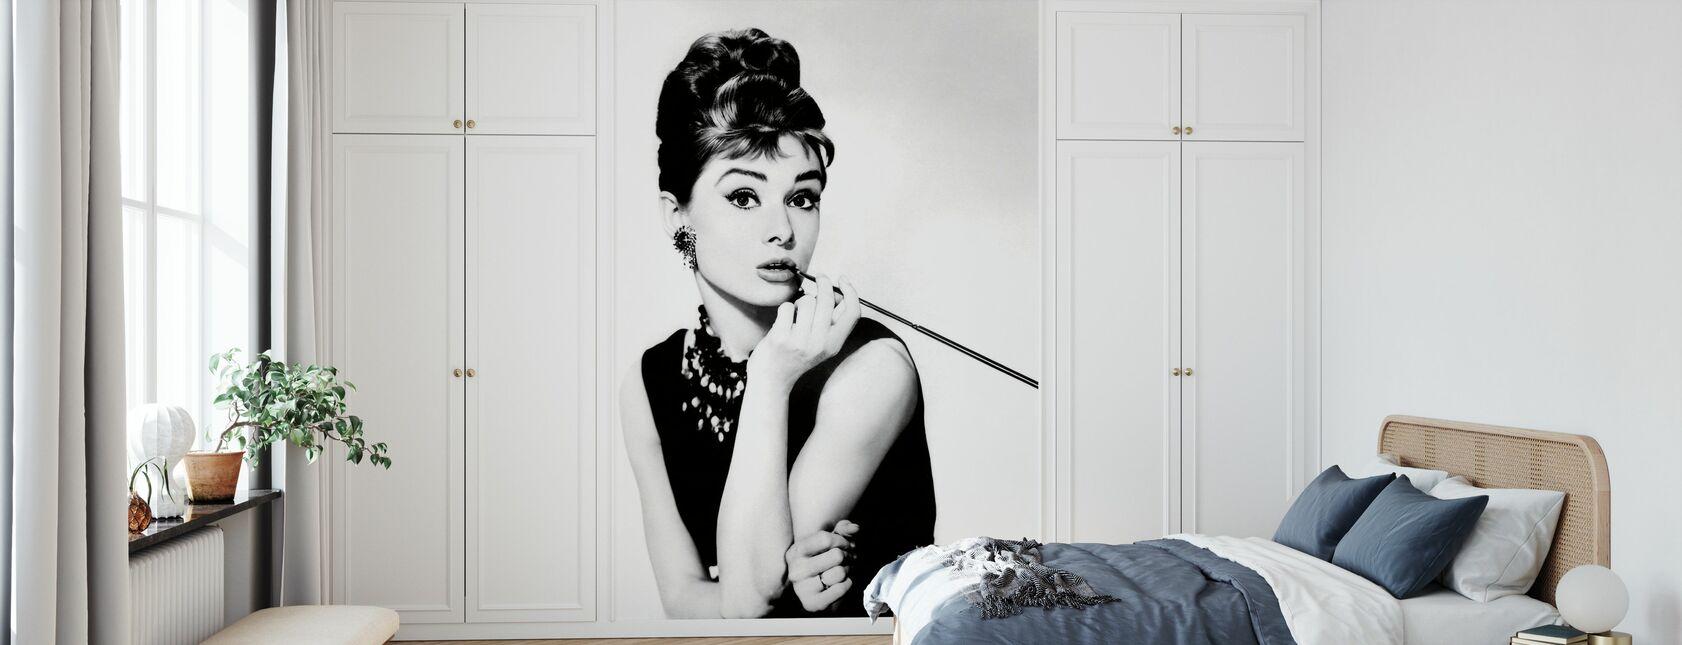 Audrey Hepburn in Breakfast at Tiffanys - Wallpaper - Bedroom